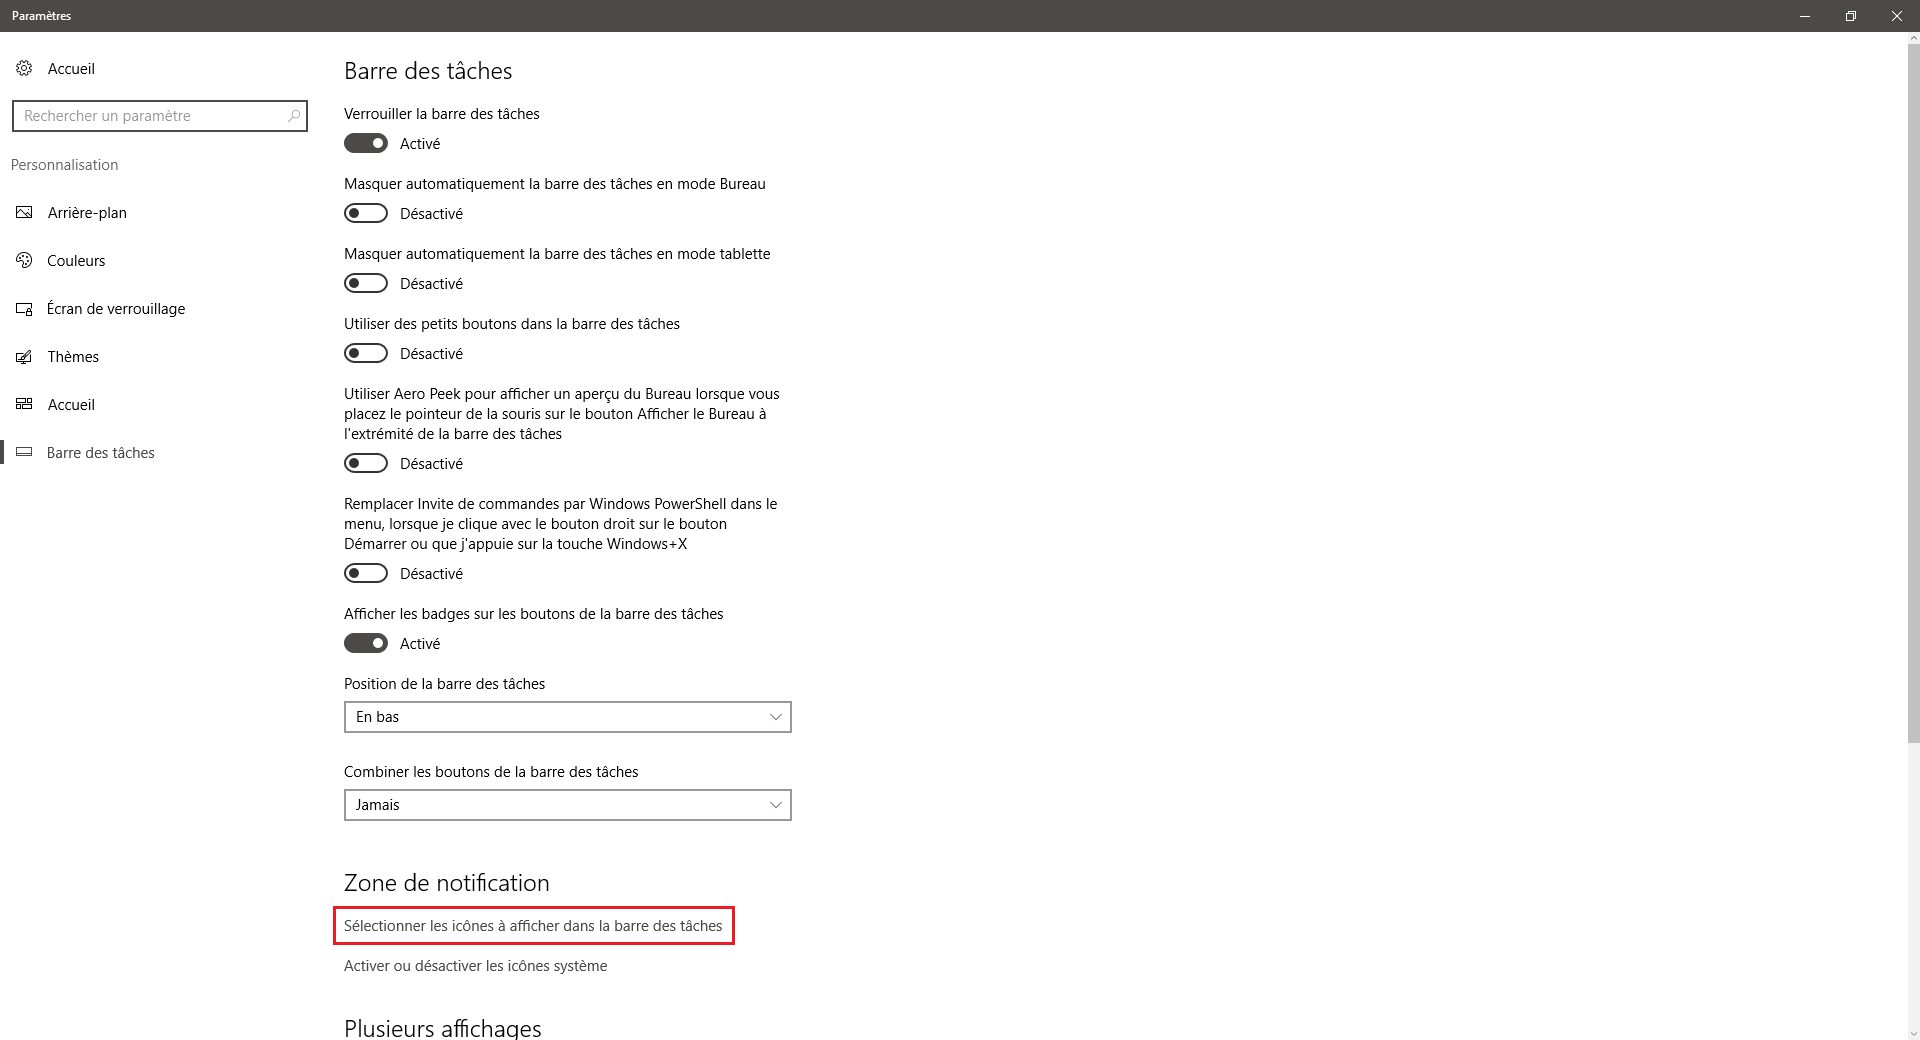 Windows 10 : Choisir les icônes à afficher dans la barre des tâches